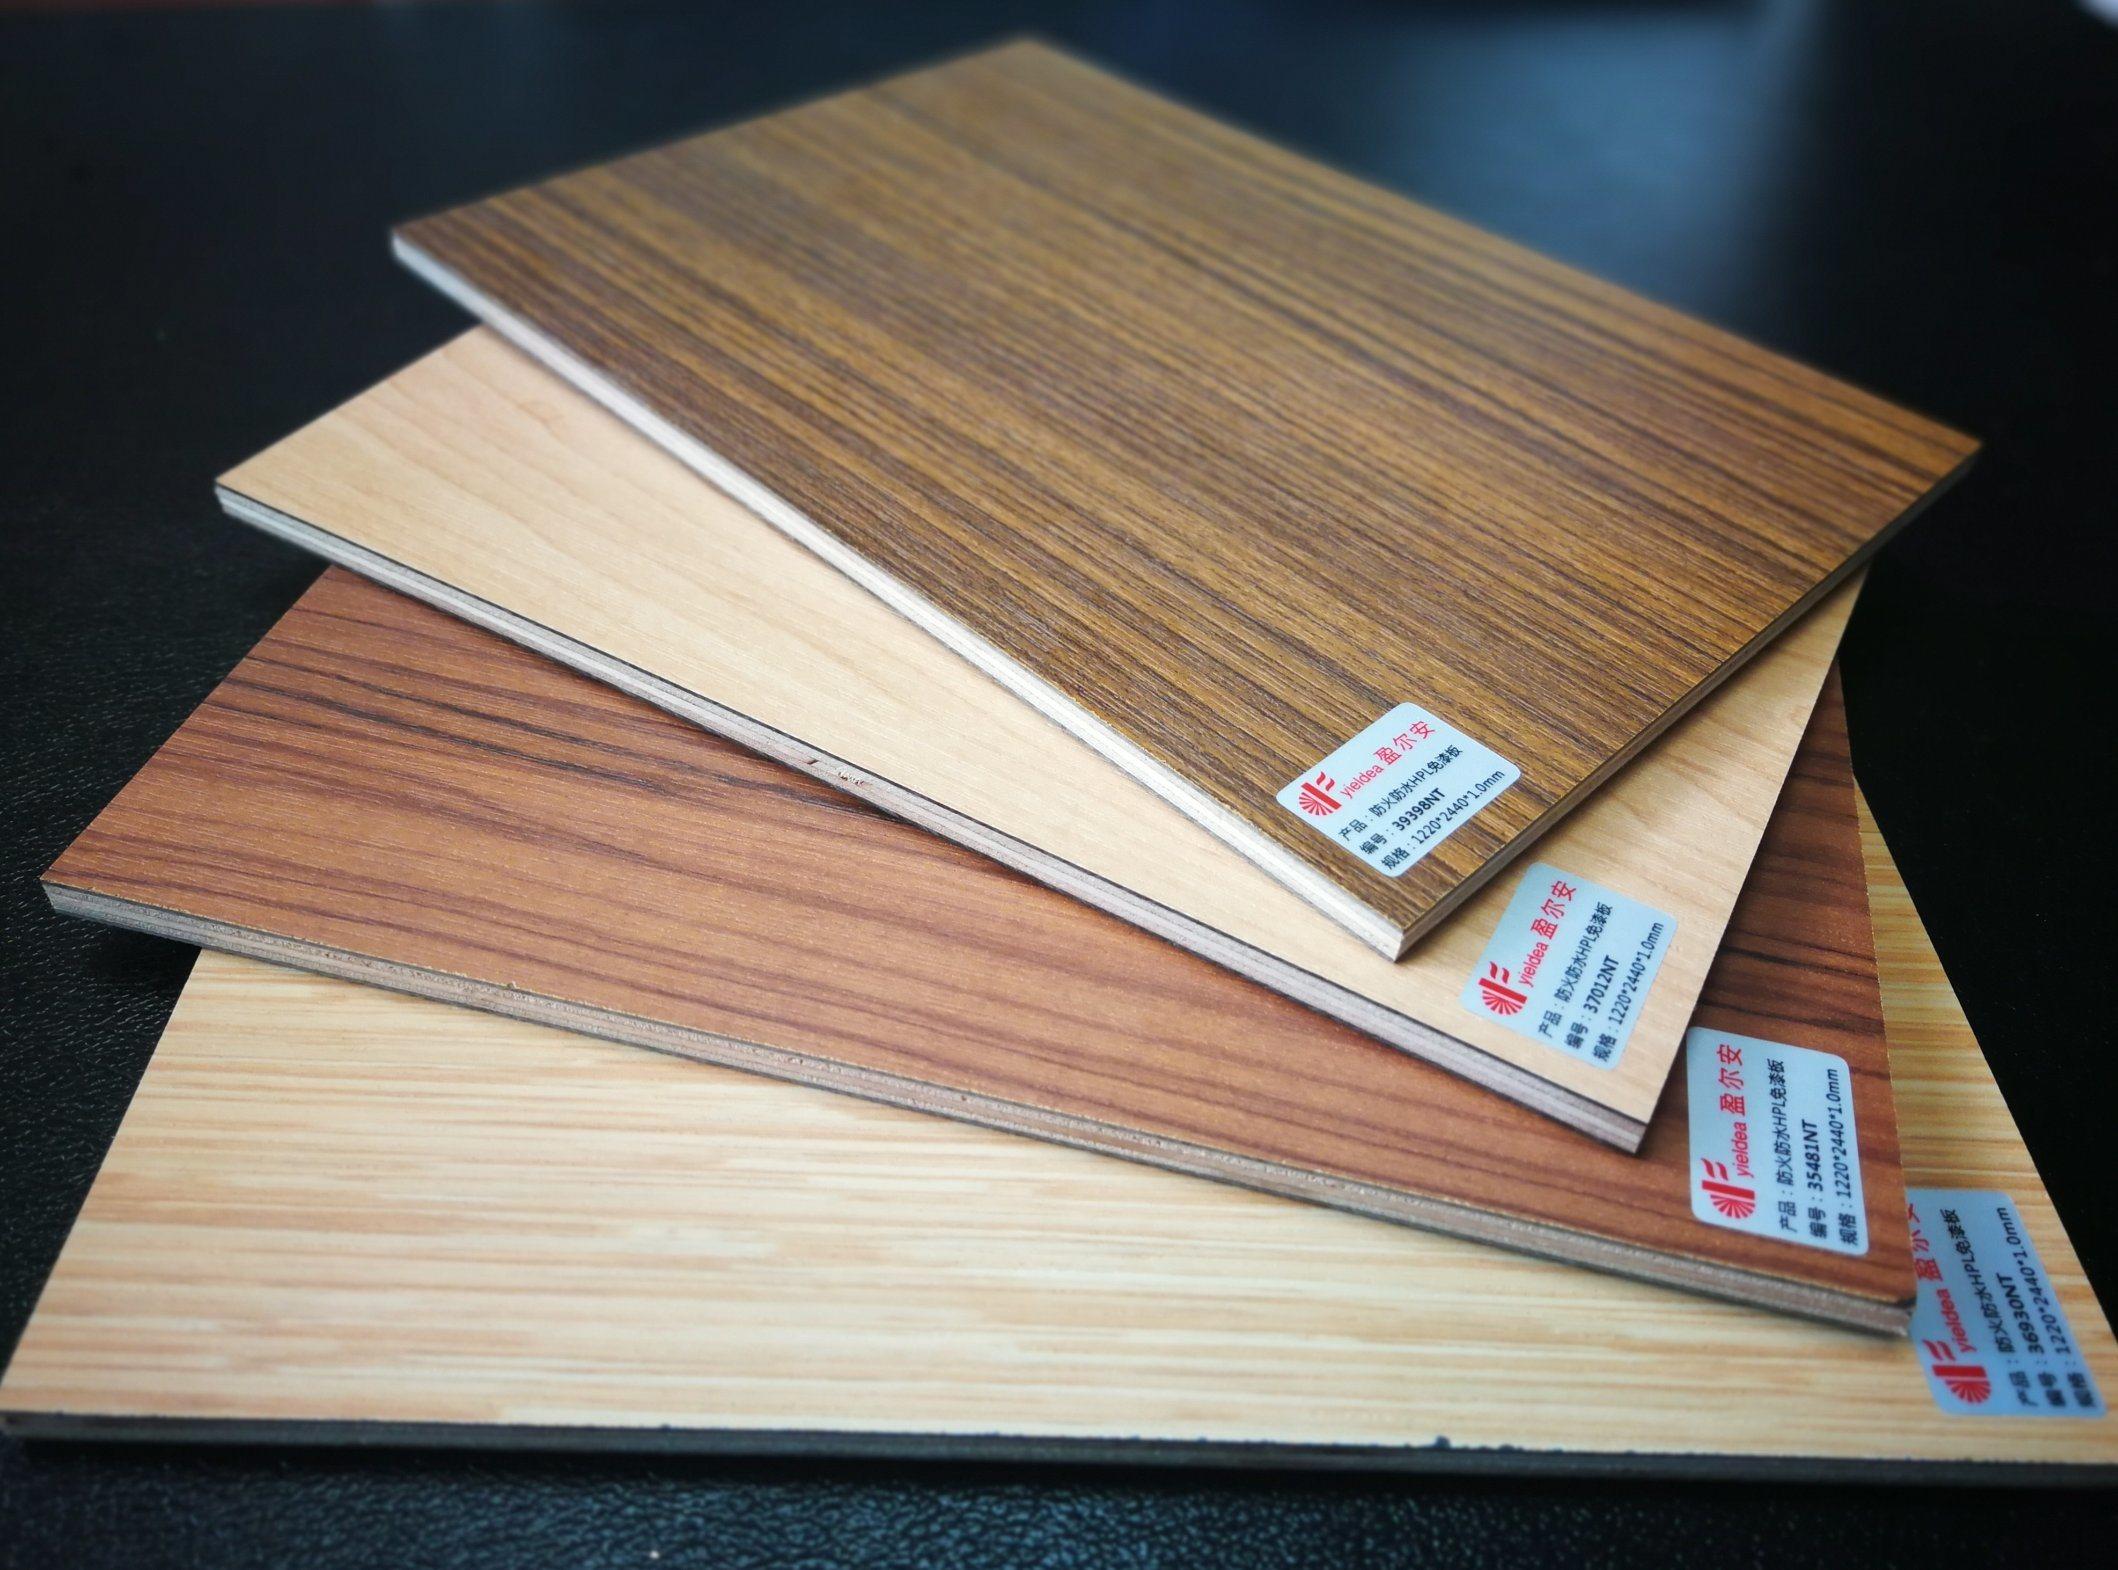 [7مّ] خشبيّة قشرة [هبل] خشب رقائقيّ تجاريّة مع [بويلدينغ متريل] بناء خشب منشور